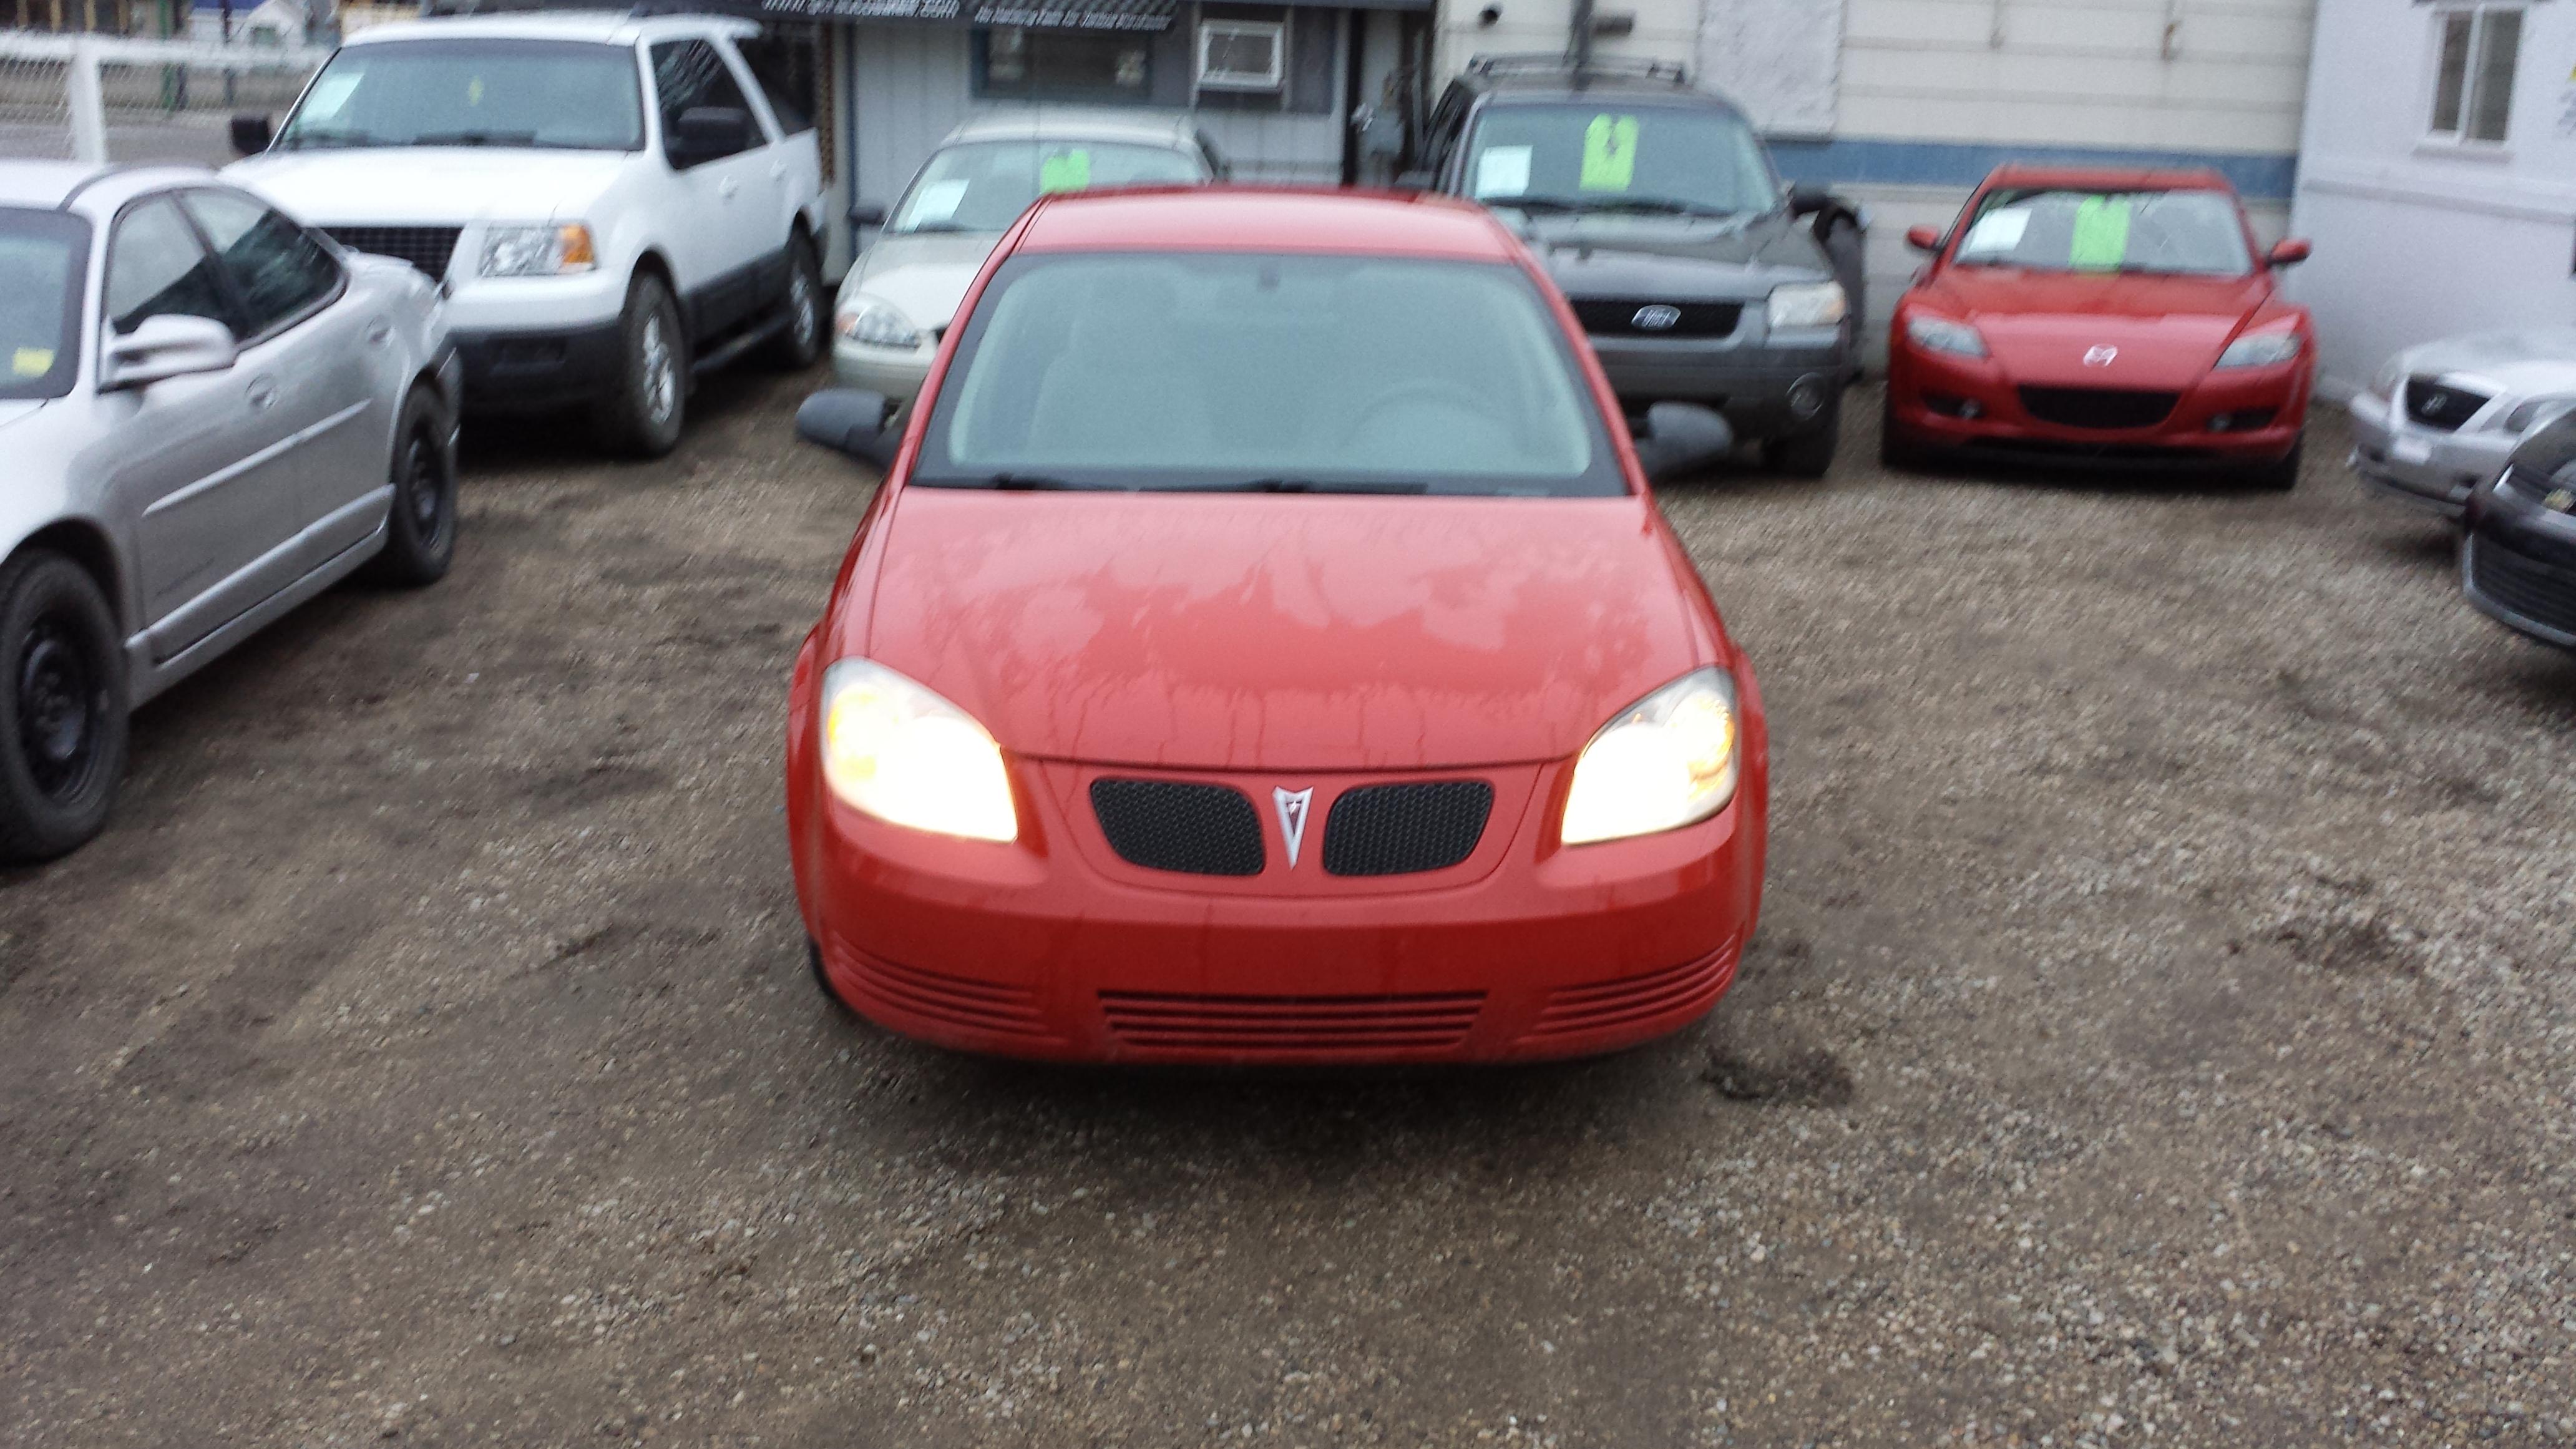 Pontiac Pursuit Gtr Auto Sales